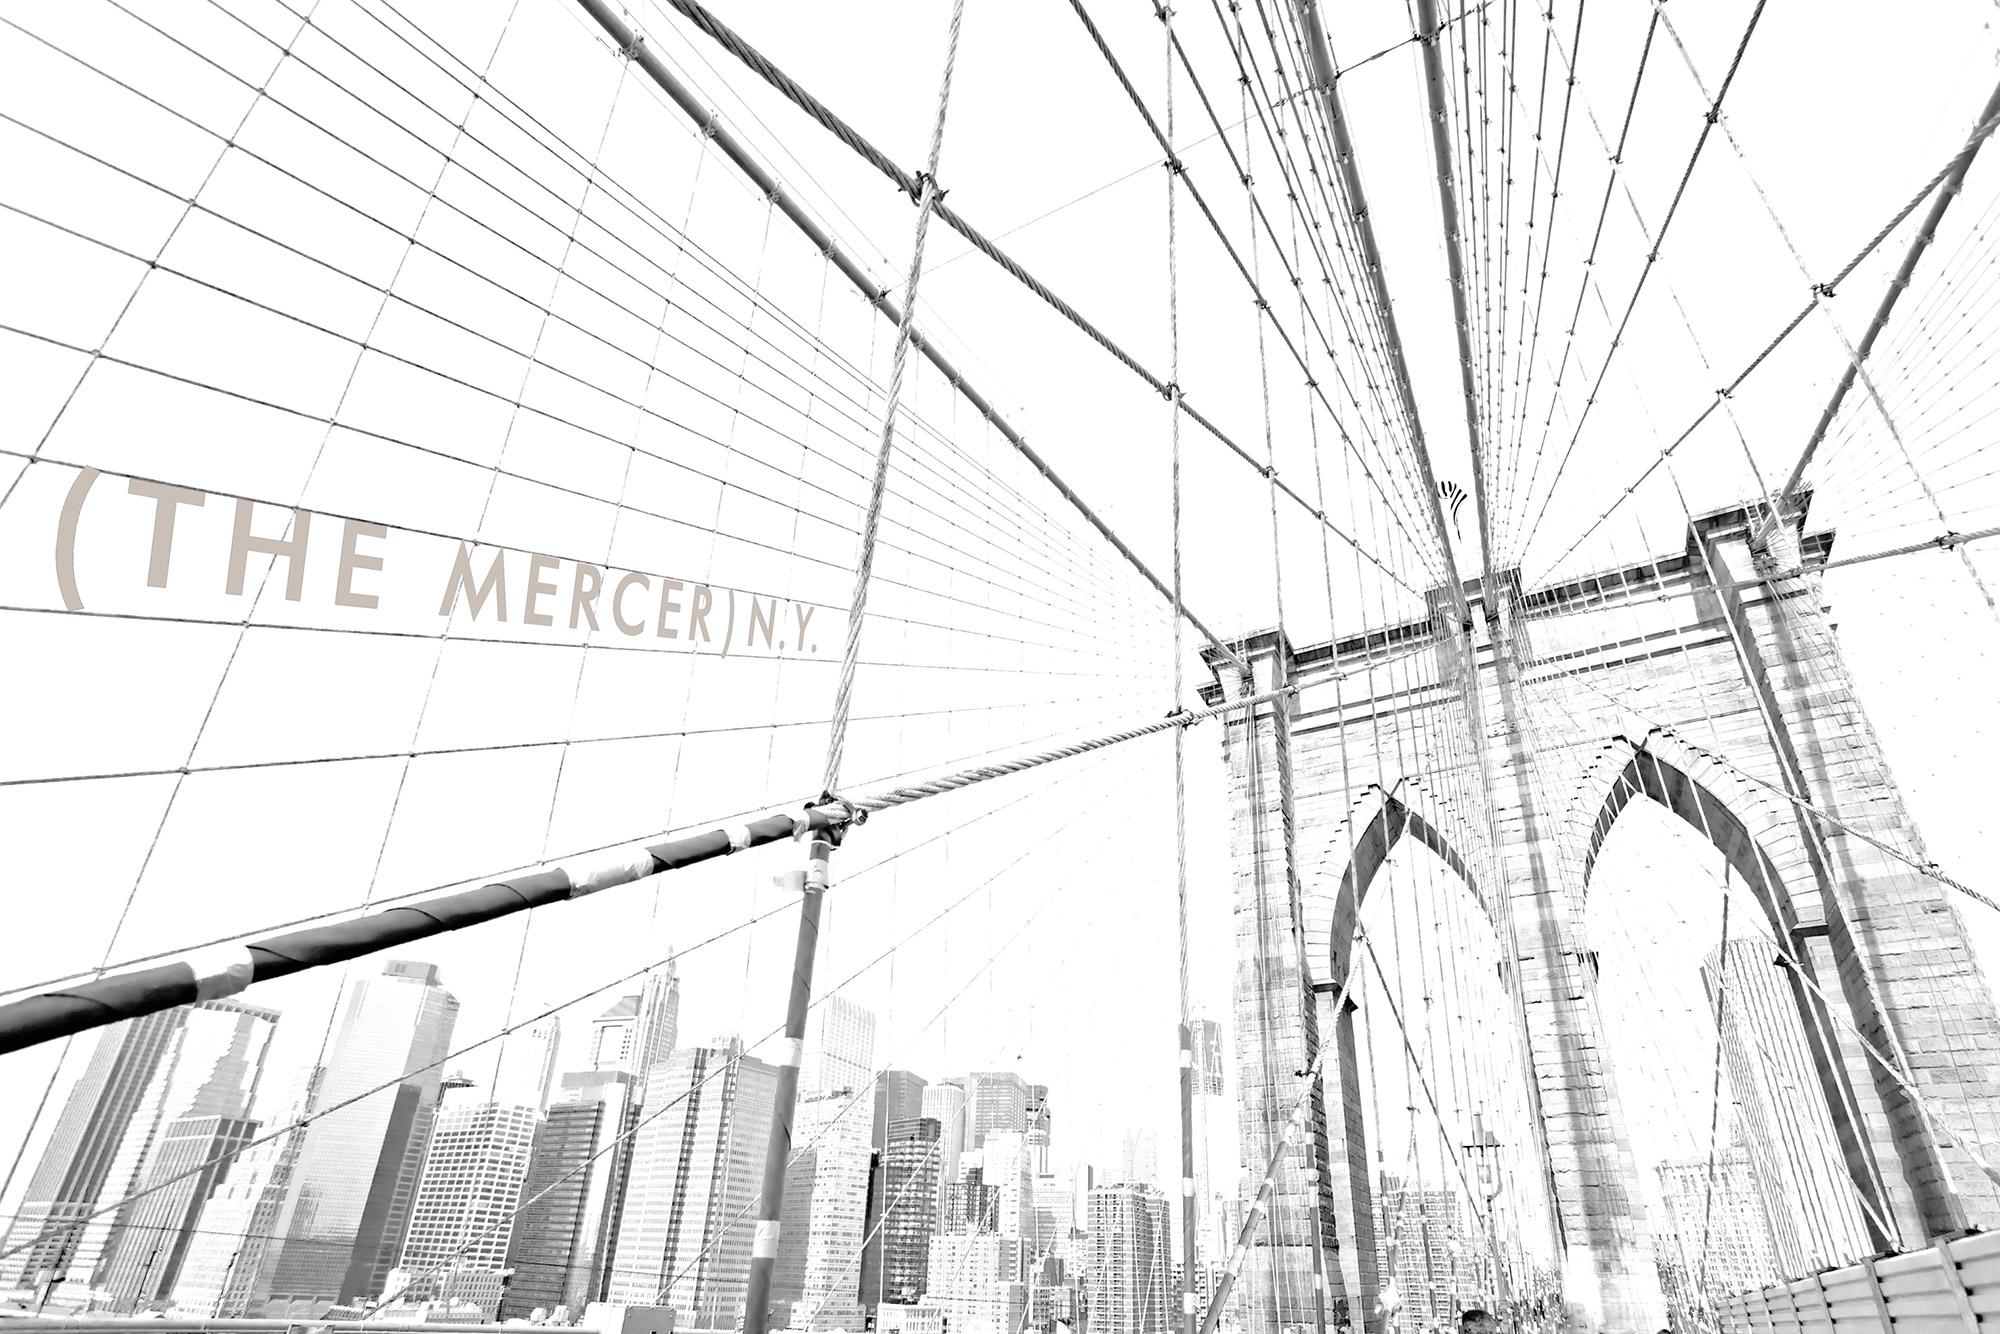 Philosophie (THE MERCER) N.Y.